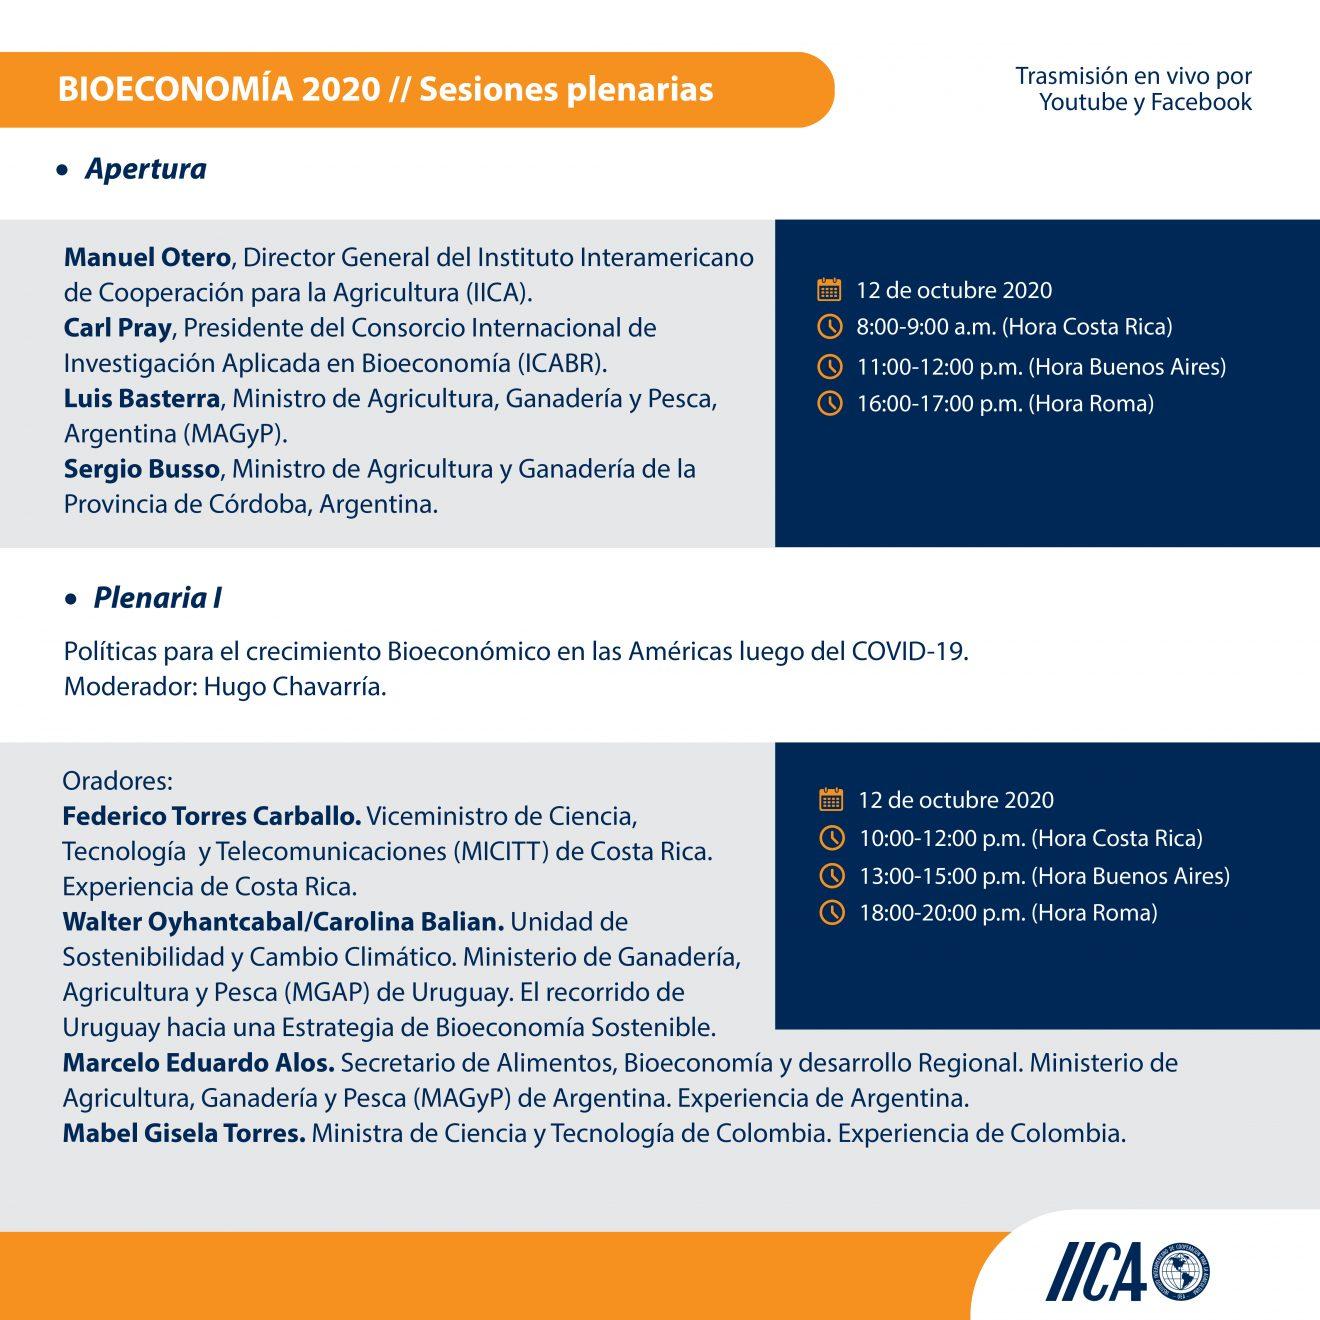 Agenda IICABR2020_12 octubre_FACEBOOK